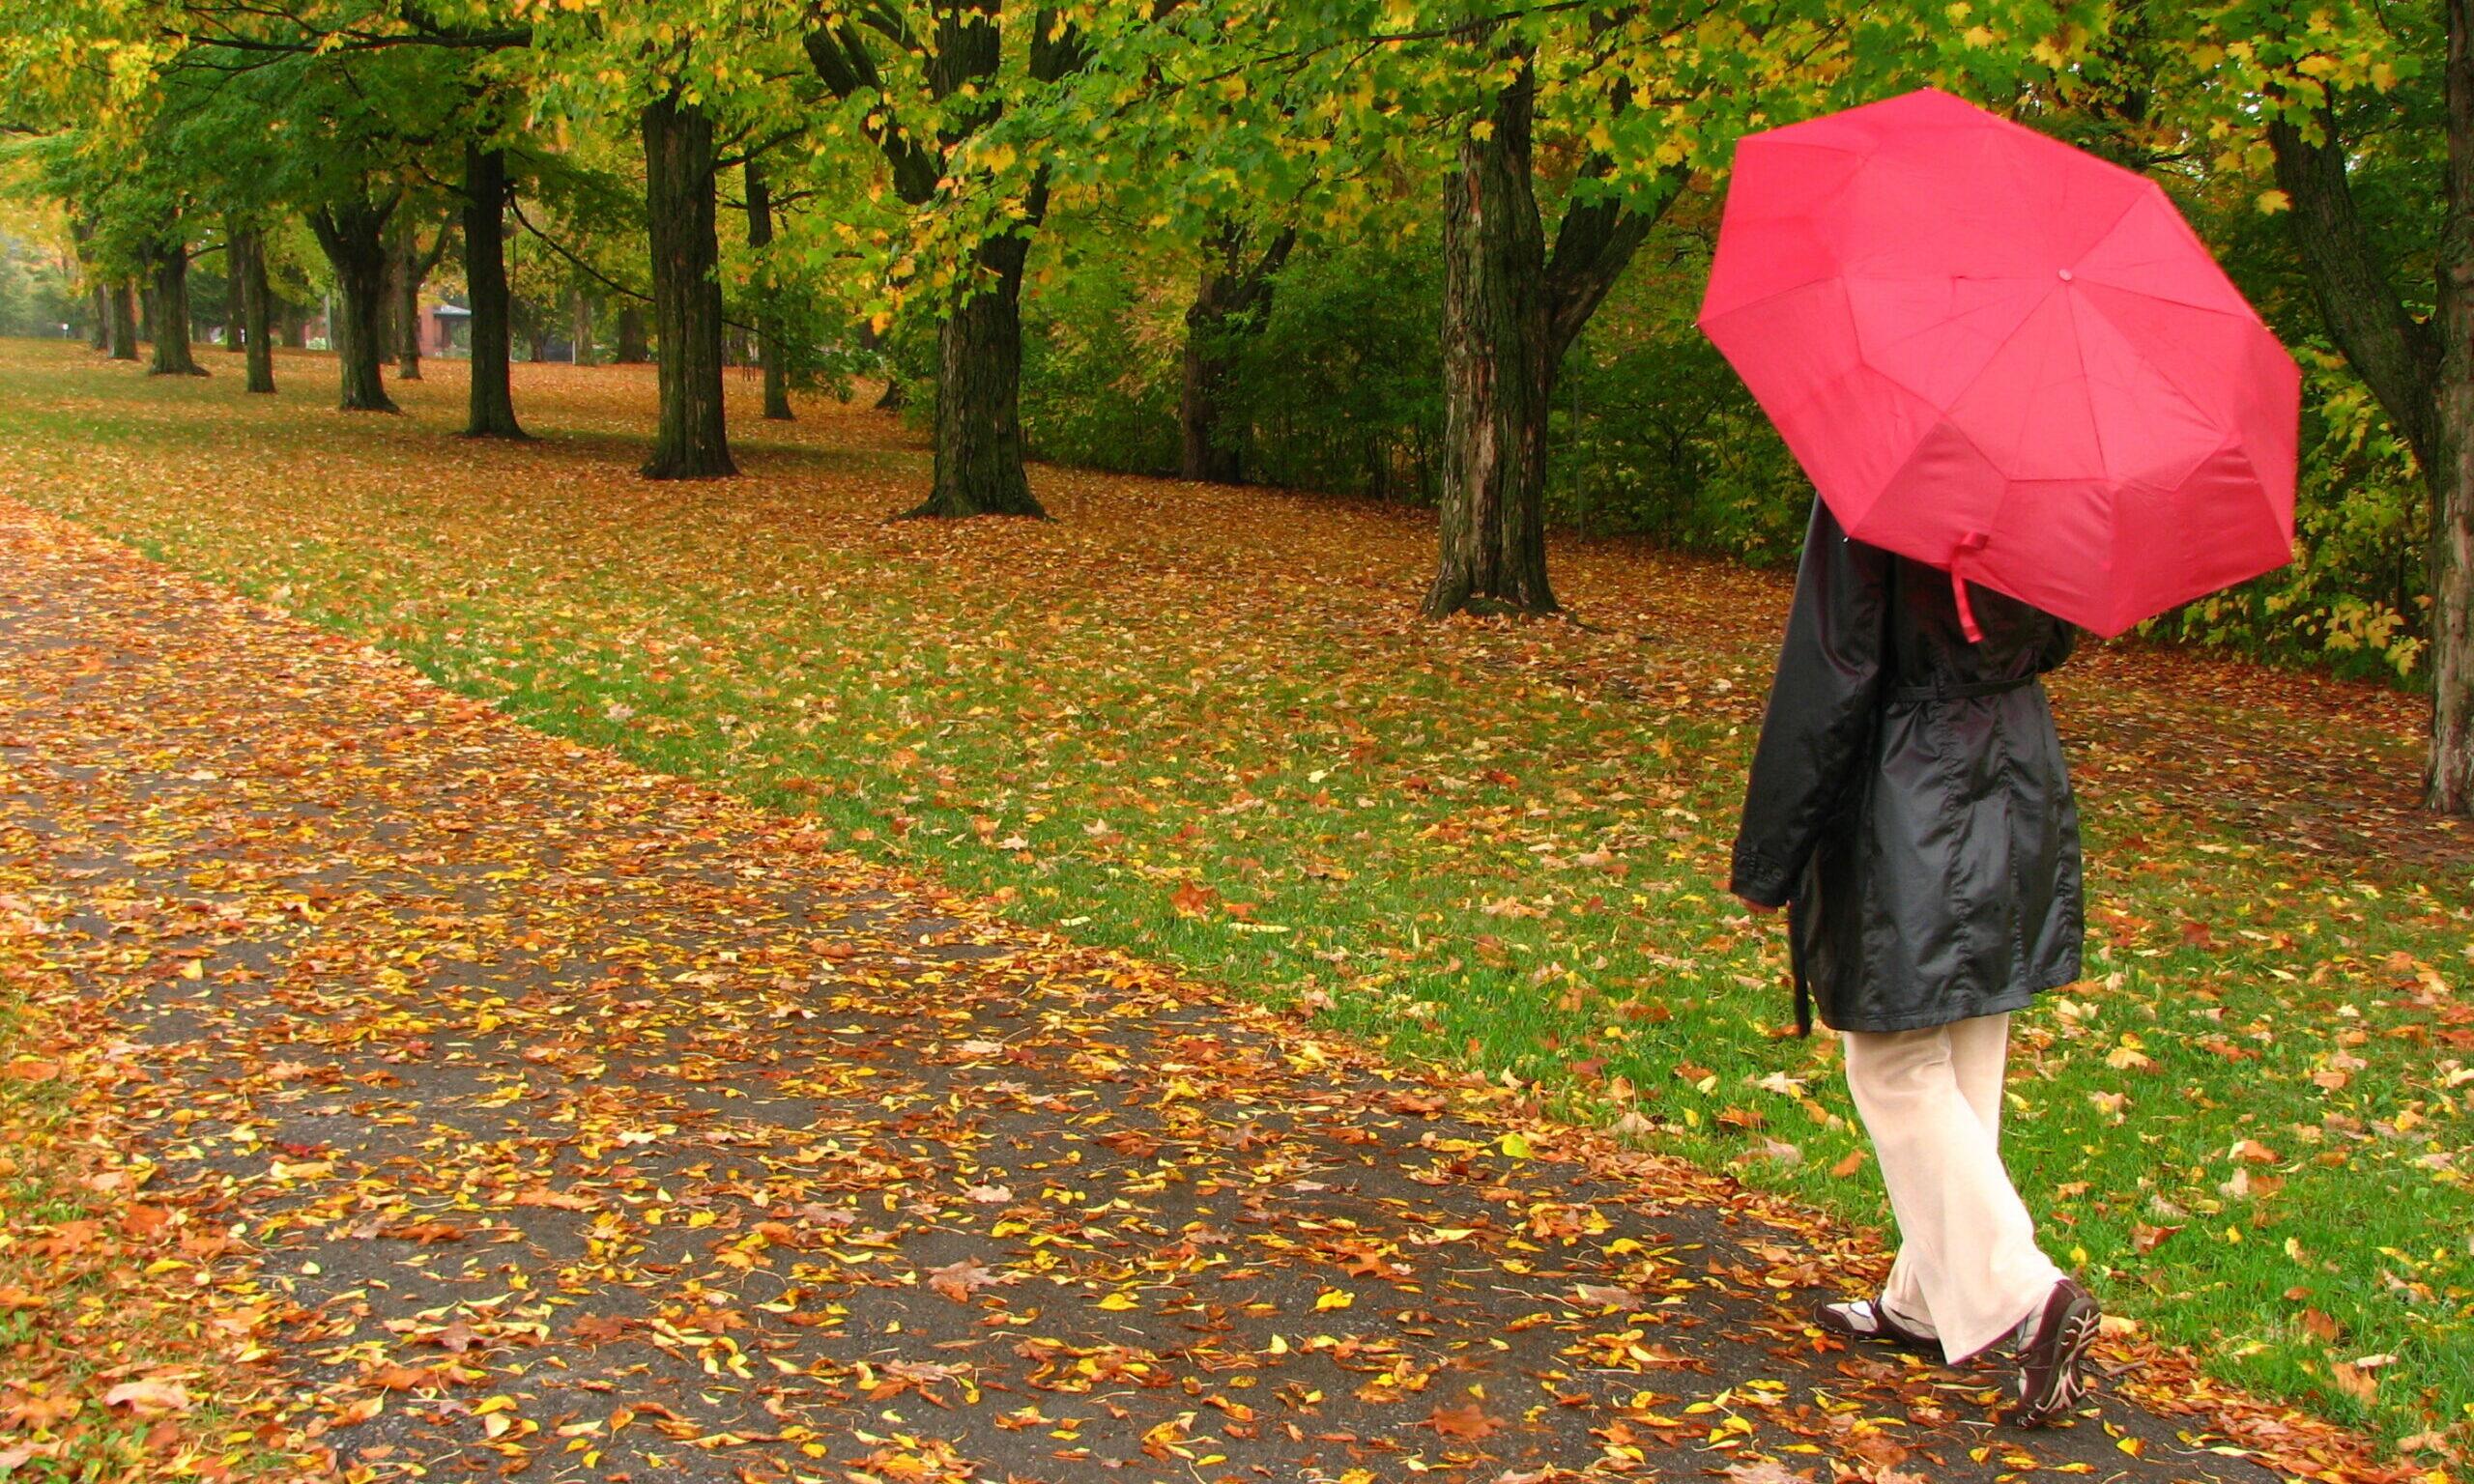 eine Frau mit Regenmantel und rotem Regenschirm geht durch eine Allee voller gelber Herbstblätter am Boden und auf den Bäumen